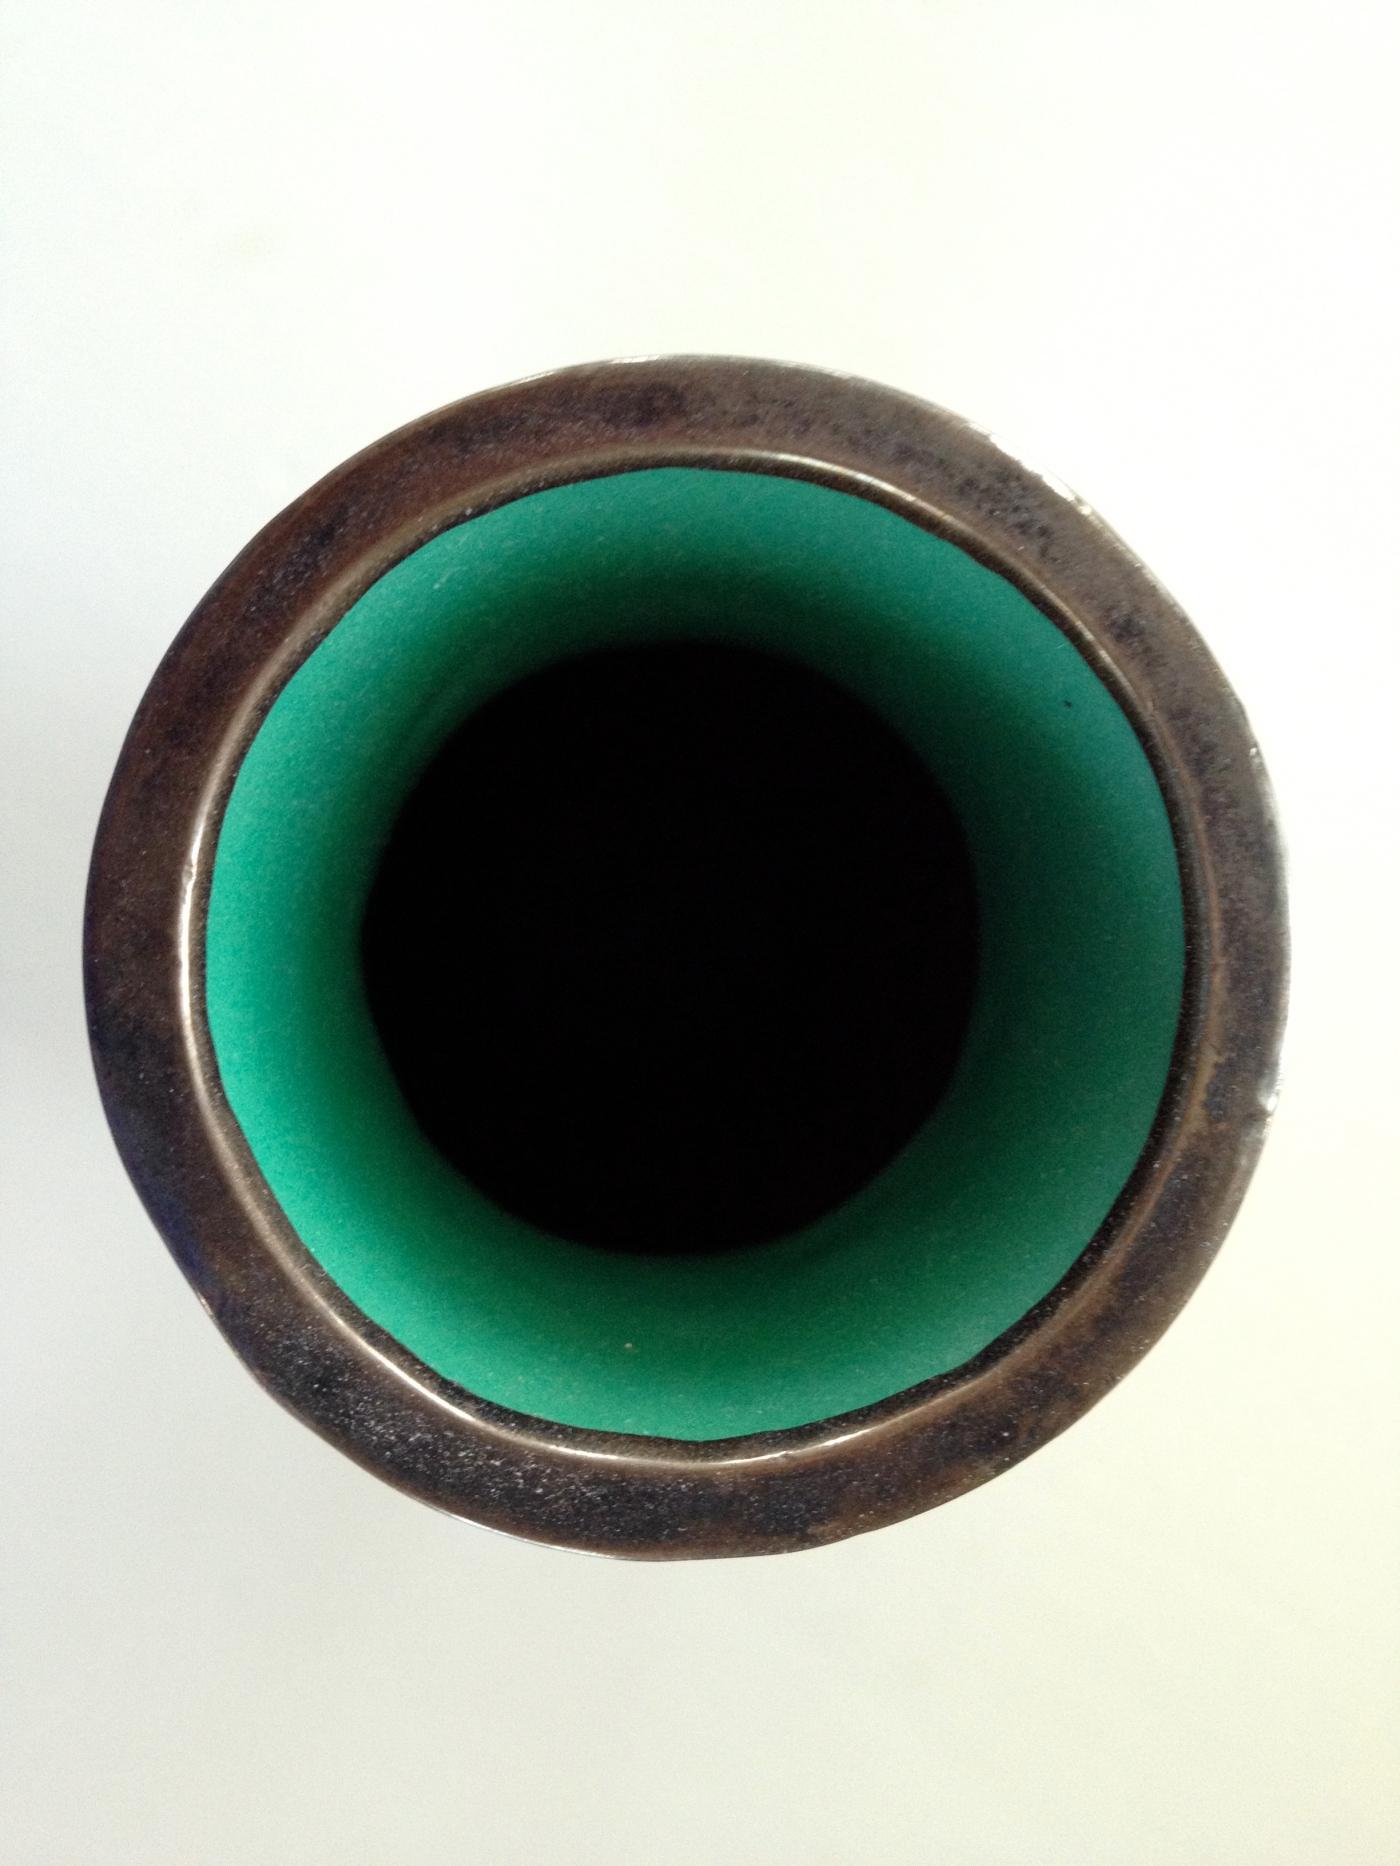 Green Vase - Top View, Metal Rim